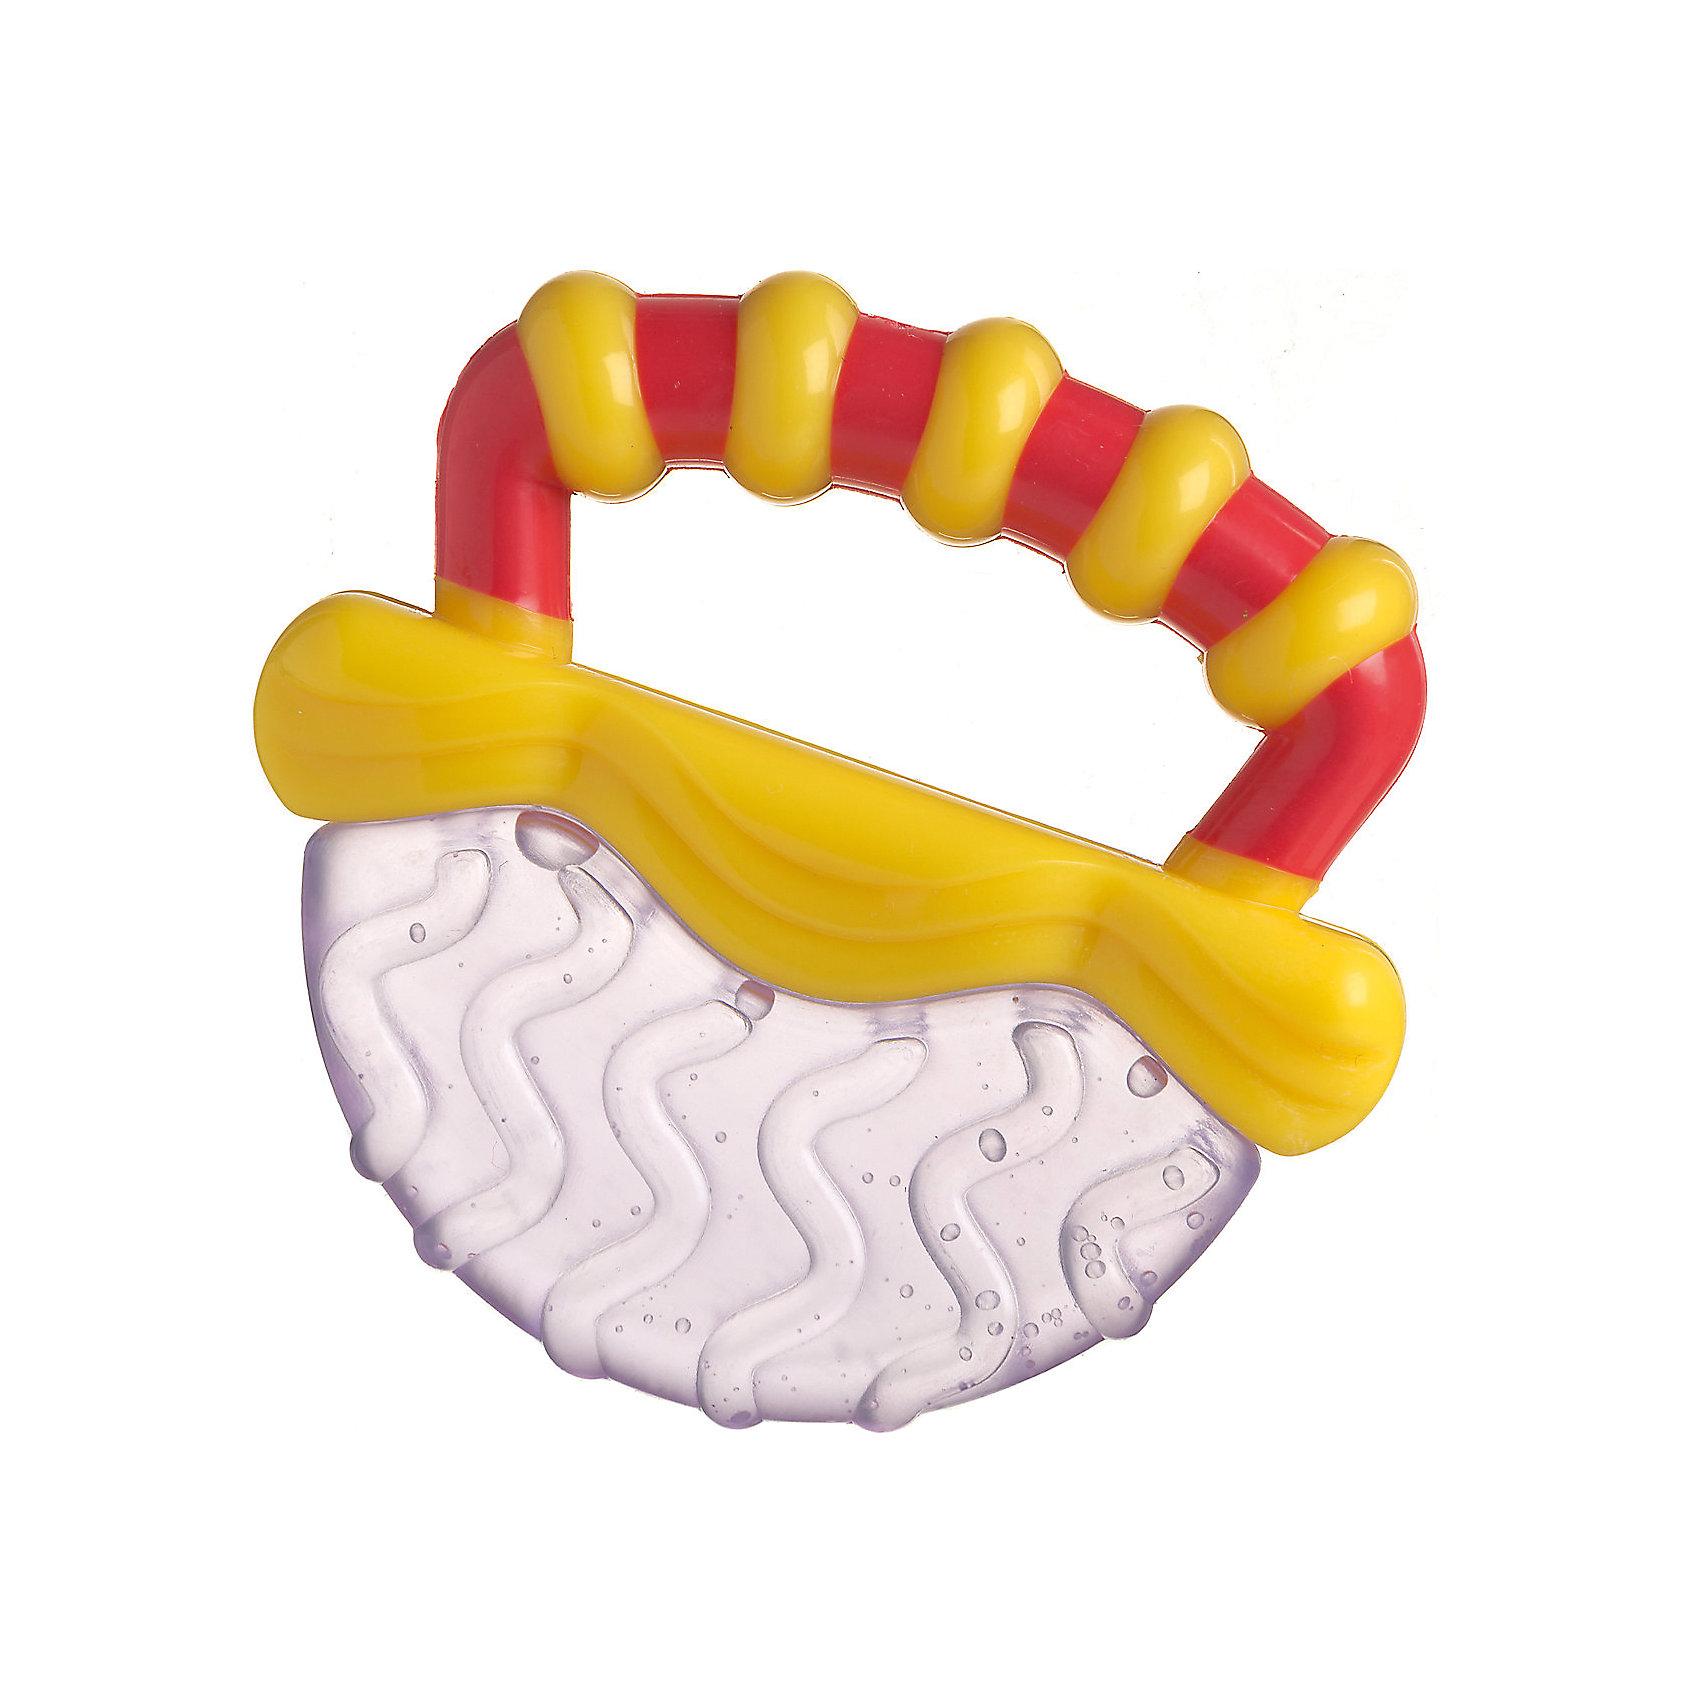 Игрушка-прорезыватель, Playgro, фиолетово-желтаяПрорезыватели<br>Игрушка-прорезыватель, Playgro (Плейгро), фиолетово-желтая. <br><br>Характеристика:<br><br>• Материал: пластик. <br>• Размер упаковки: 2,8x10,3x13,5 см.<br>• Эффективно успокоит нежные десны малыша. <br>• Для наилучшего эффекта перед использованием положить в холодильник на несколько минут.<br>• Яркий привлекательный дизайн. <br>• Рельефная поверхность поможет развить тактильные ощущения и моторику рук. <br><br>Яркий прорезыватель эффективно и бережно успокоит нежные десны крохи. Прорезыватель имеет удобную ручку с рельефной поверхностью, идеально подходит для маленьких детских пальчиков, изготовлен из высококачественных нетоксичных материалов безопасных для детей.  <br><br>Игрушку-прорезыватель, Playgro (Плейгро), фиолетово-желтую, можно купить в нашем интернет-магазине.<br><br>Ширина мм: 103<br>Глубина мм: 28<br>Высота мм: 135<br>Вес г: 60<br>Возраст от месяцев: 36<br>Возраст до месяцев: 2147483647<br>Пол: Унисекс<br>Возраст: Детский<br>SKU: 5028449